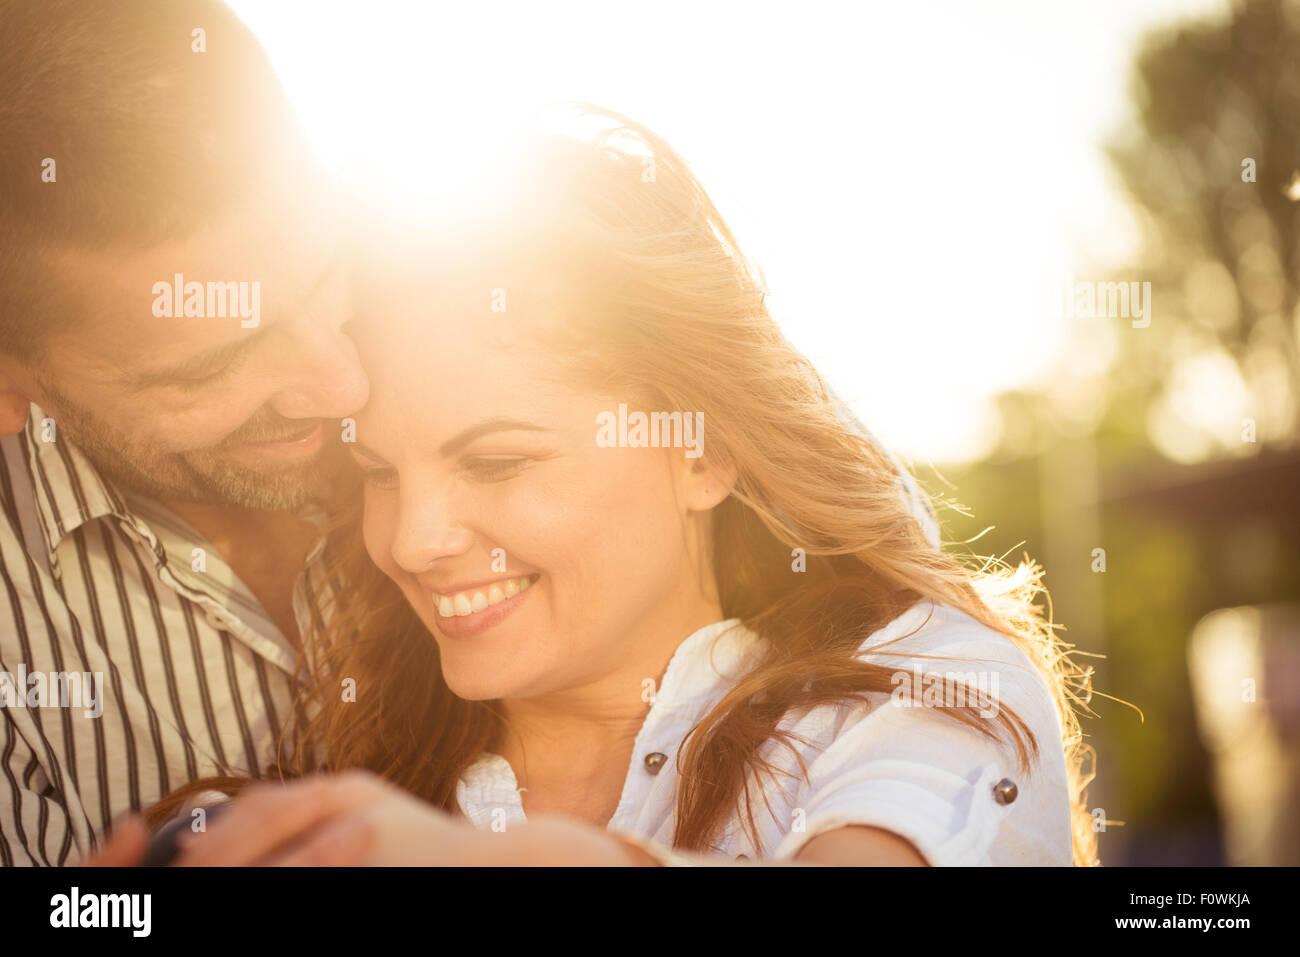 Glückliches Paar, tolle Zeit zusammen - bei Sonnenuntergang gegen die Sonne fotografiert Stockbild